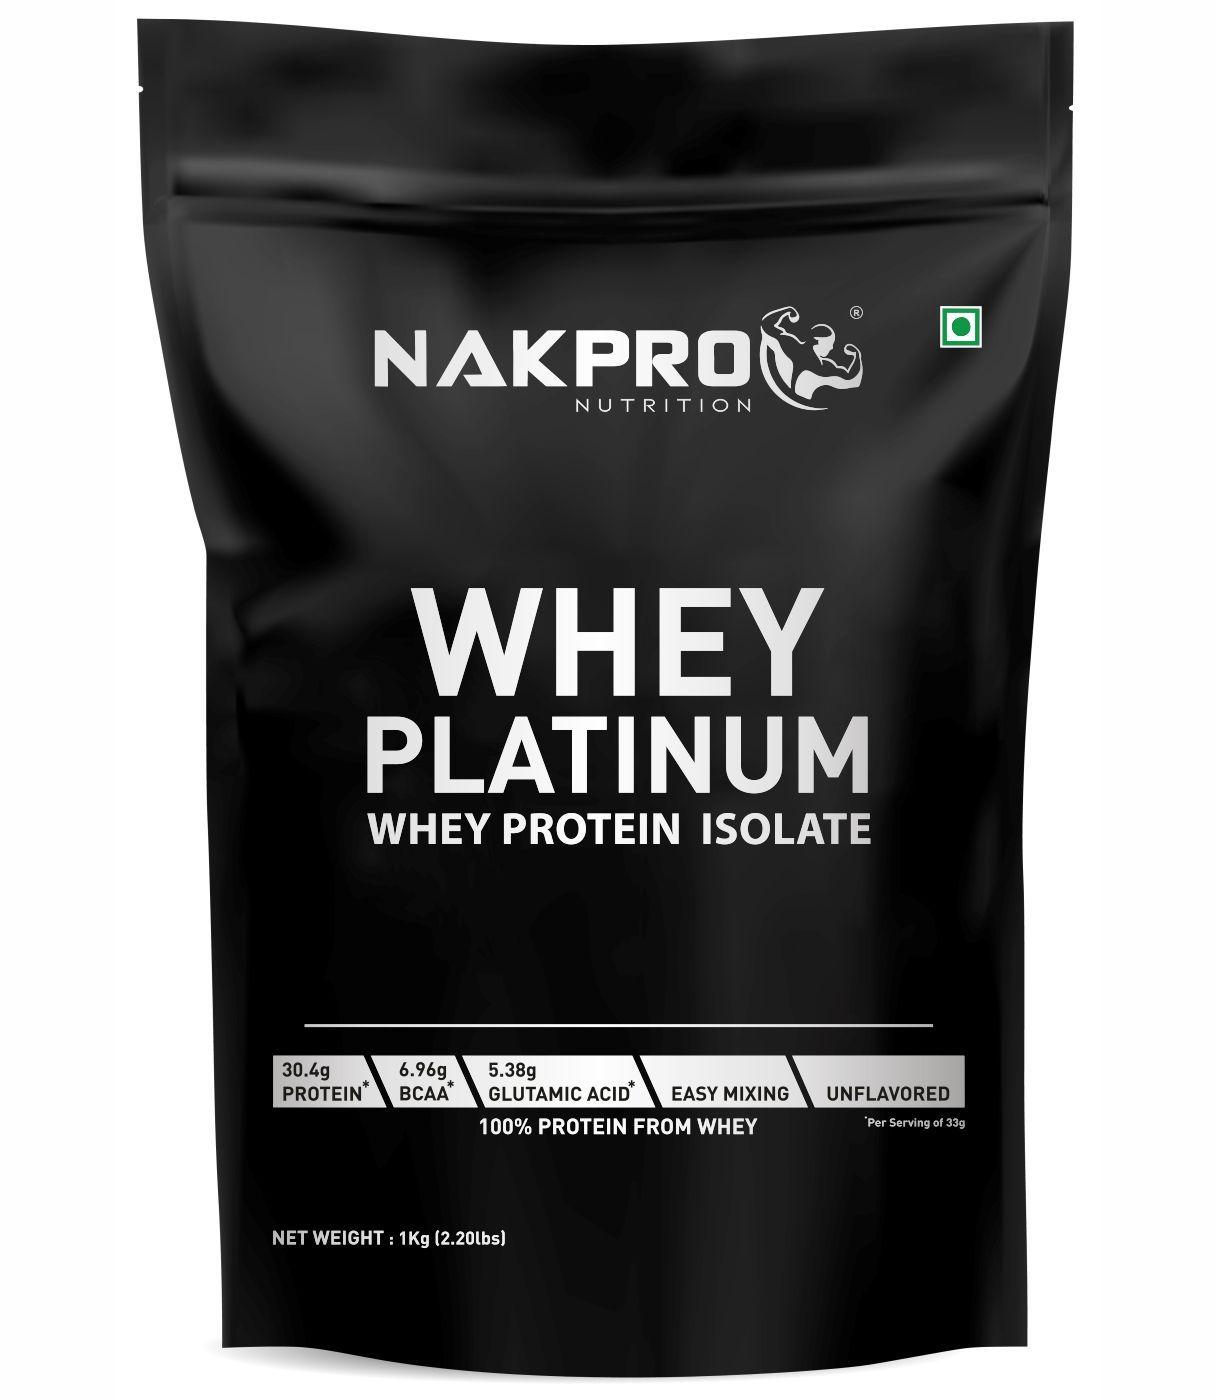 NAKPRO PLATINUM 100% Whey Protein Isolate - 30.4g Protein, 6.9 BCAA & 5.3g Glutamine, Whey Protein Isolate Supplement Powder, 1 Kg Unflavoured (30 Servings)